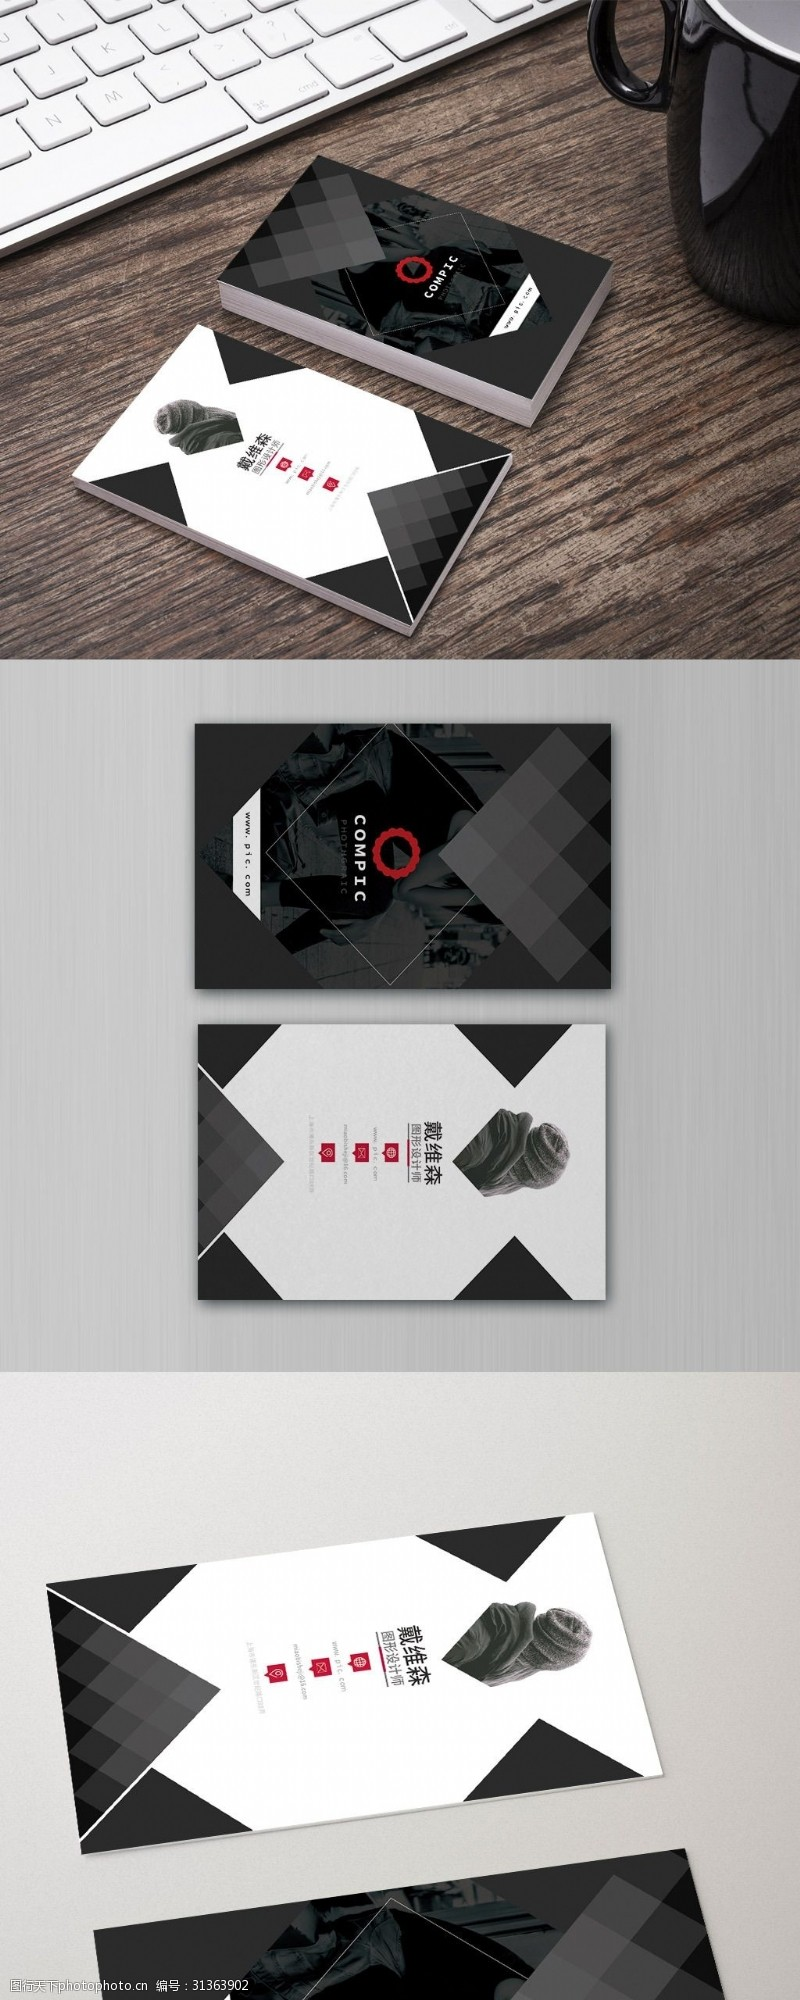 2017黑紅簡約個性乙方服務高端設計名片